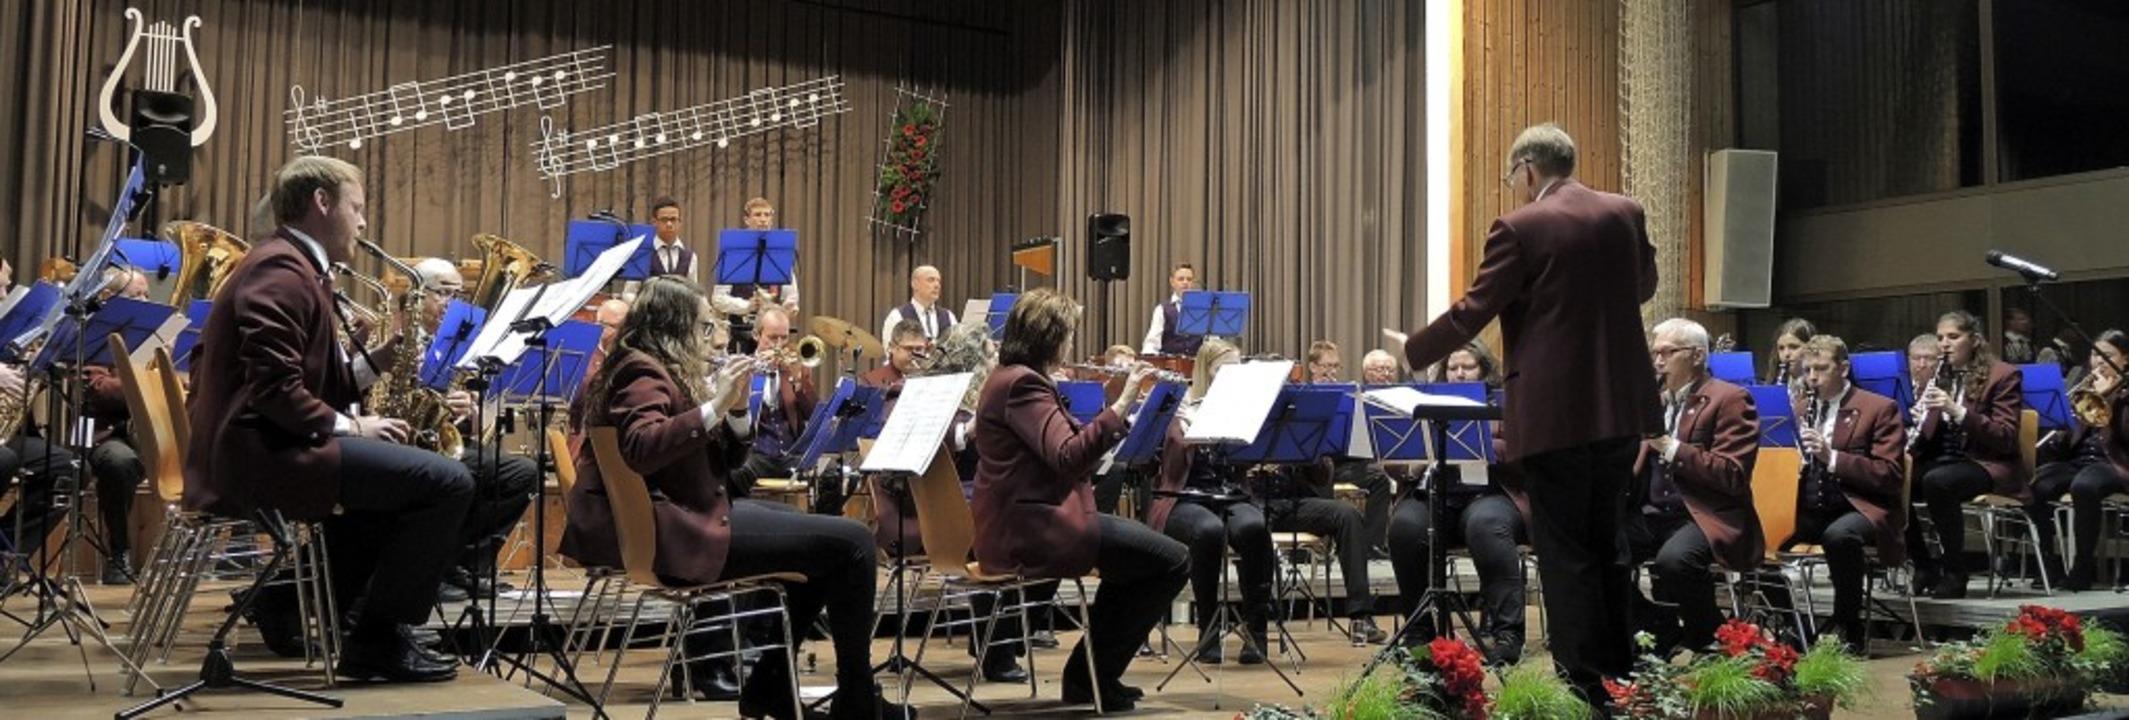 Der Musikverein Kiechlinsbergen begeis...Späth am Samstag in der Weinberghalle.  | Foto: Roland Vitt